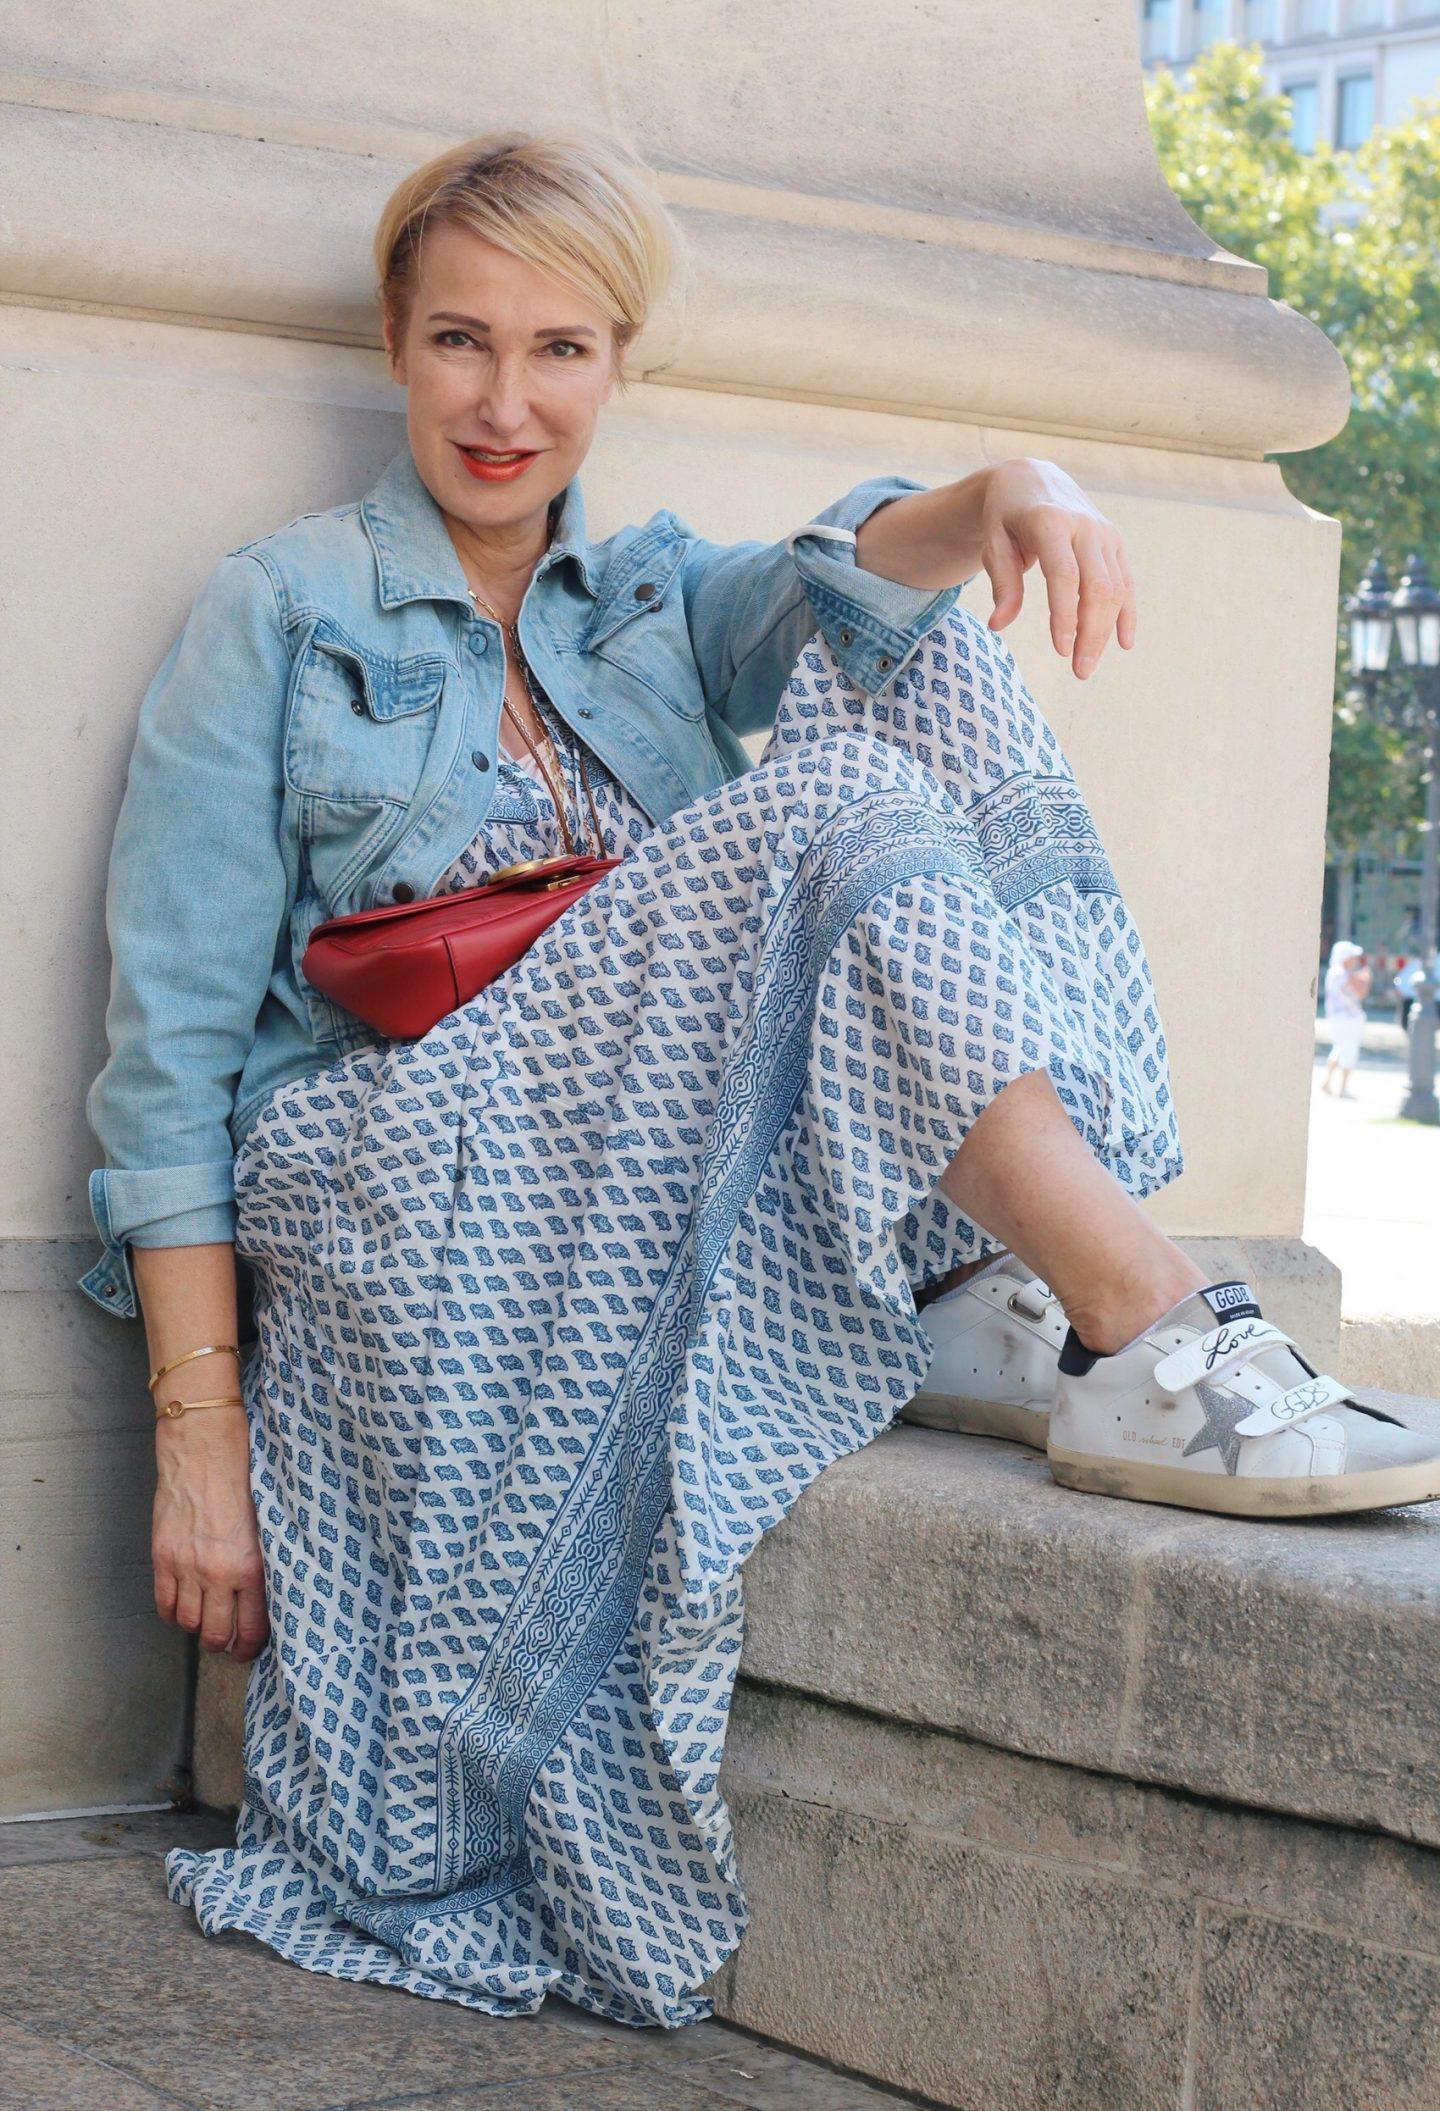 glamupyourlifestyle alte-schuhe schuhen aussortieren Umzug ü-40-blog ue-40-blog ü-50-blog